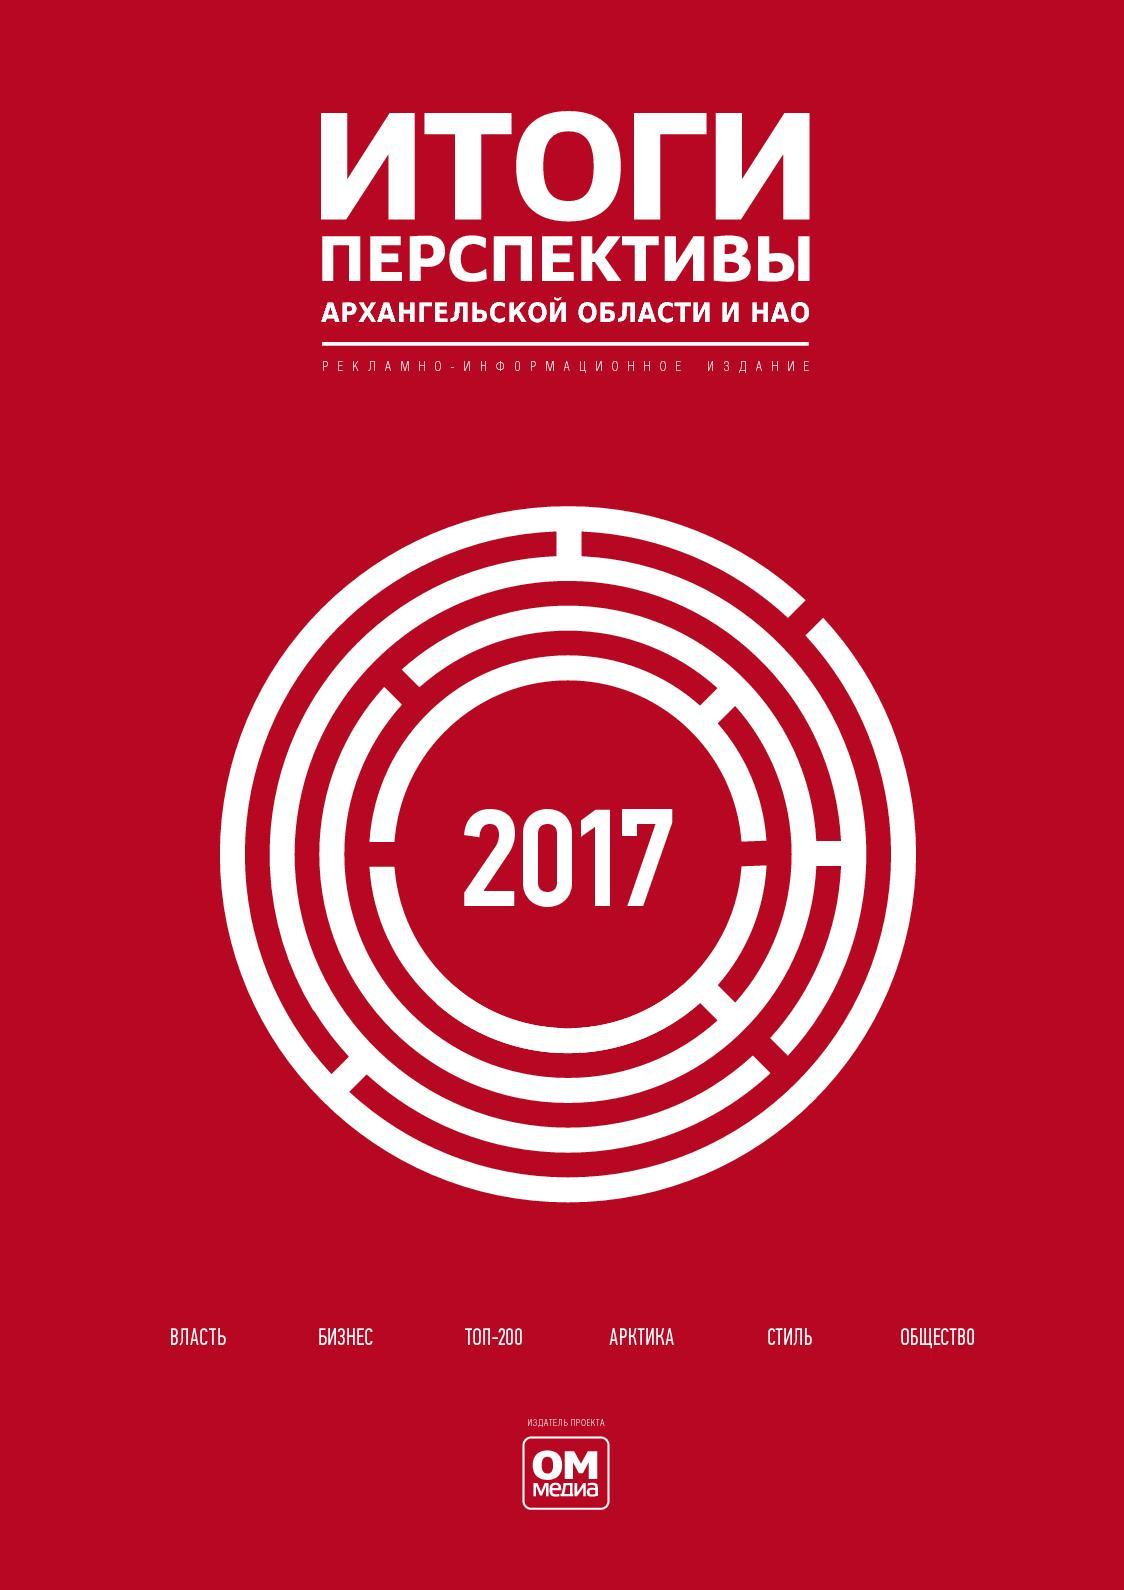 Фильмы и сериалы для девочек подростков. Лучшие русские и диснеевские фильмы для подростков смотреть бесплатно изоражения